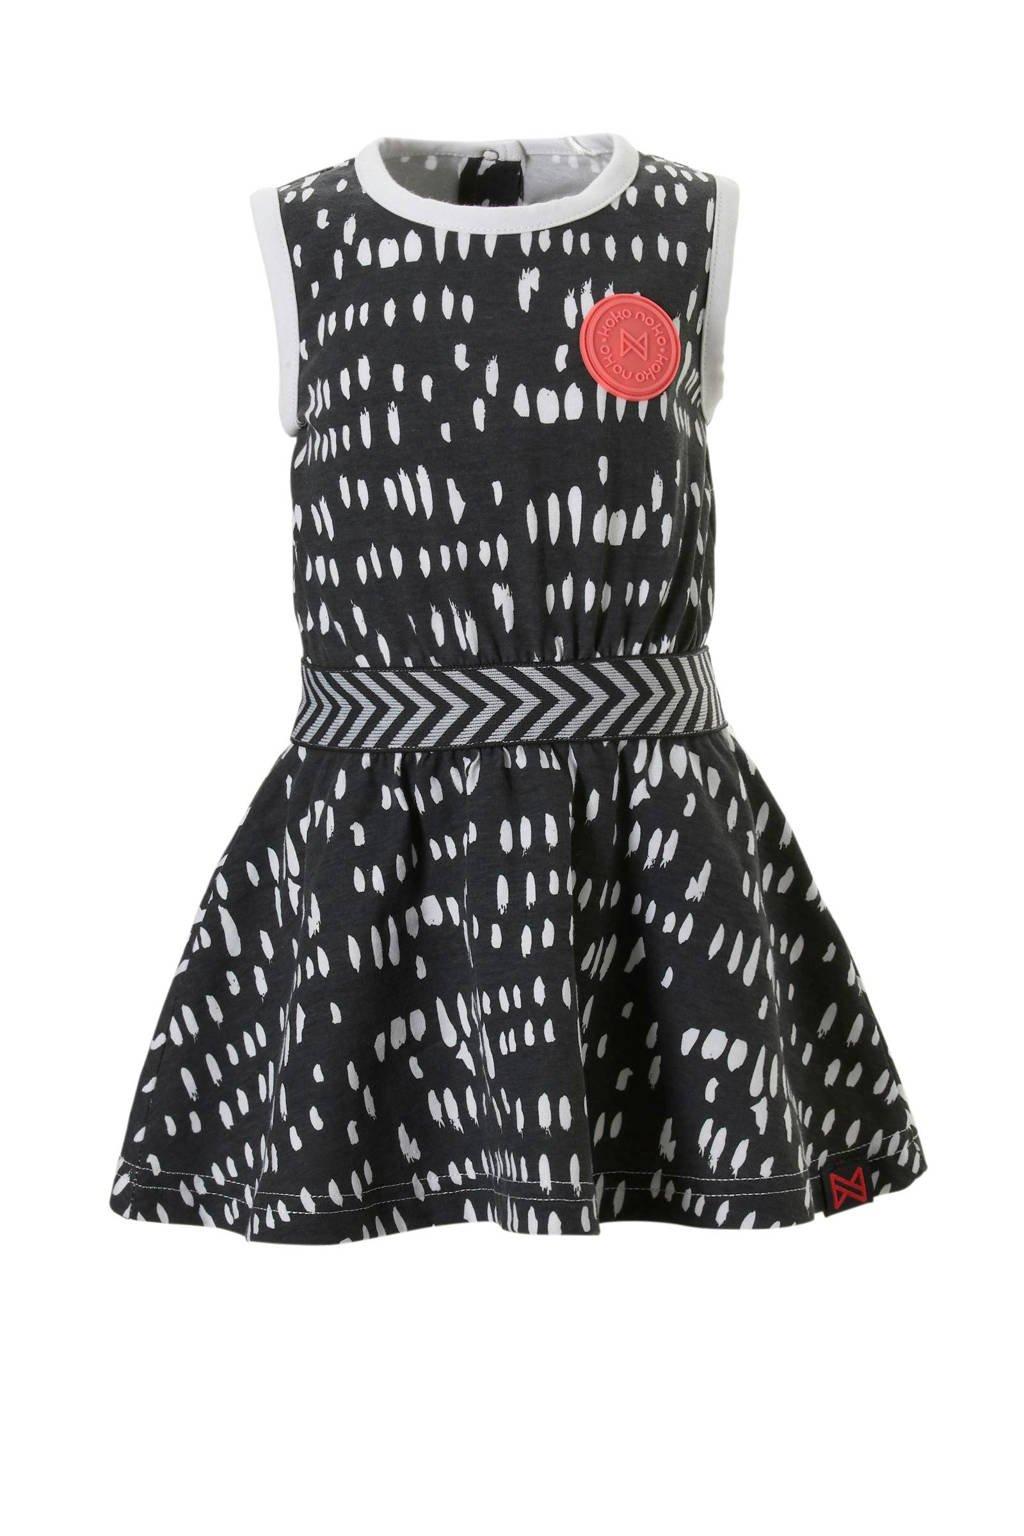 Koko Noko jurk met all over print grijs, Donkergrijs/wit